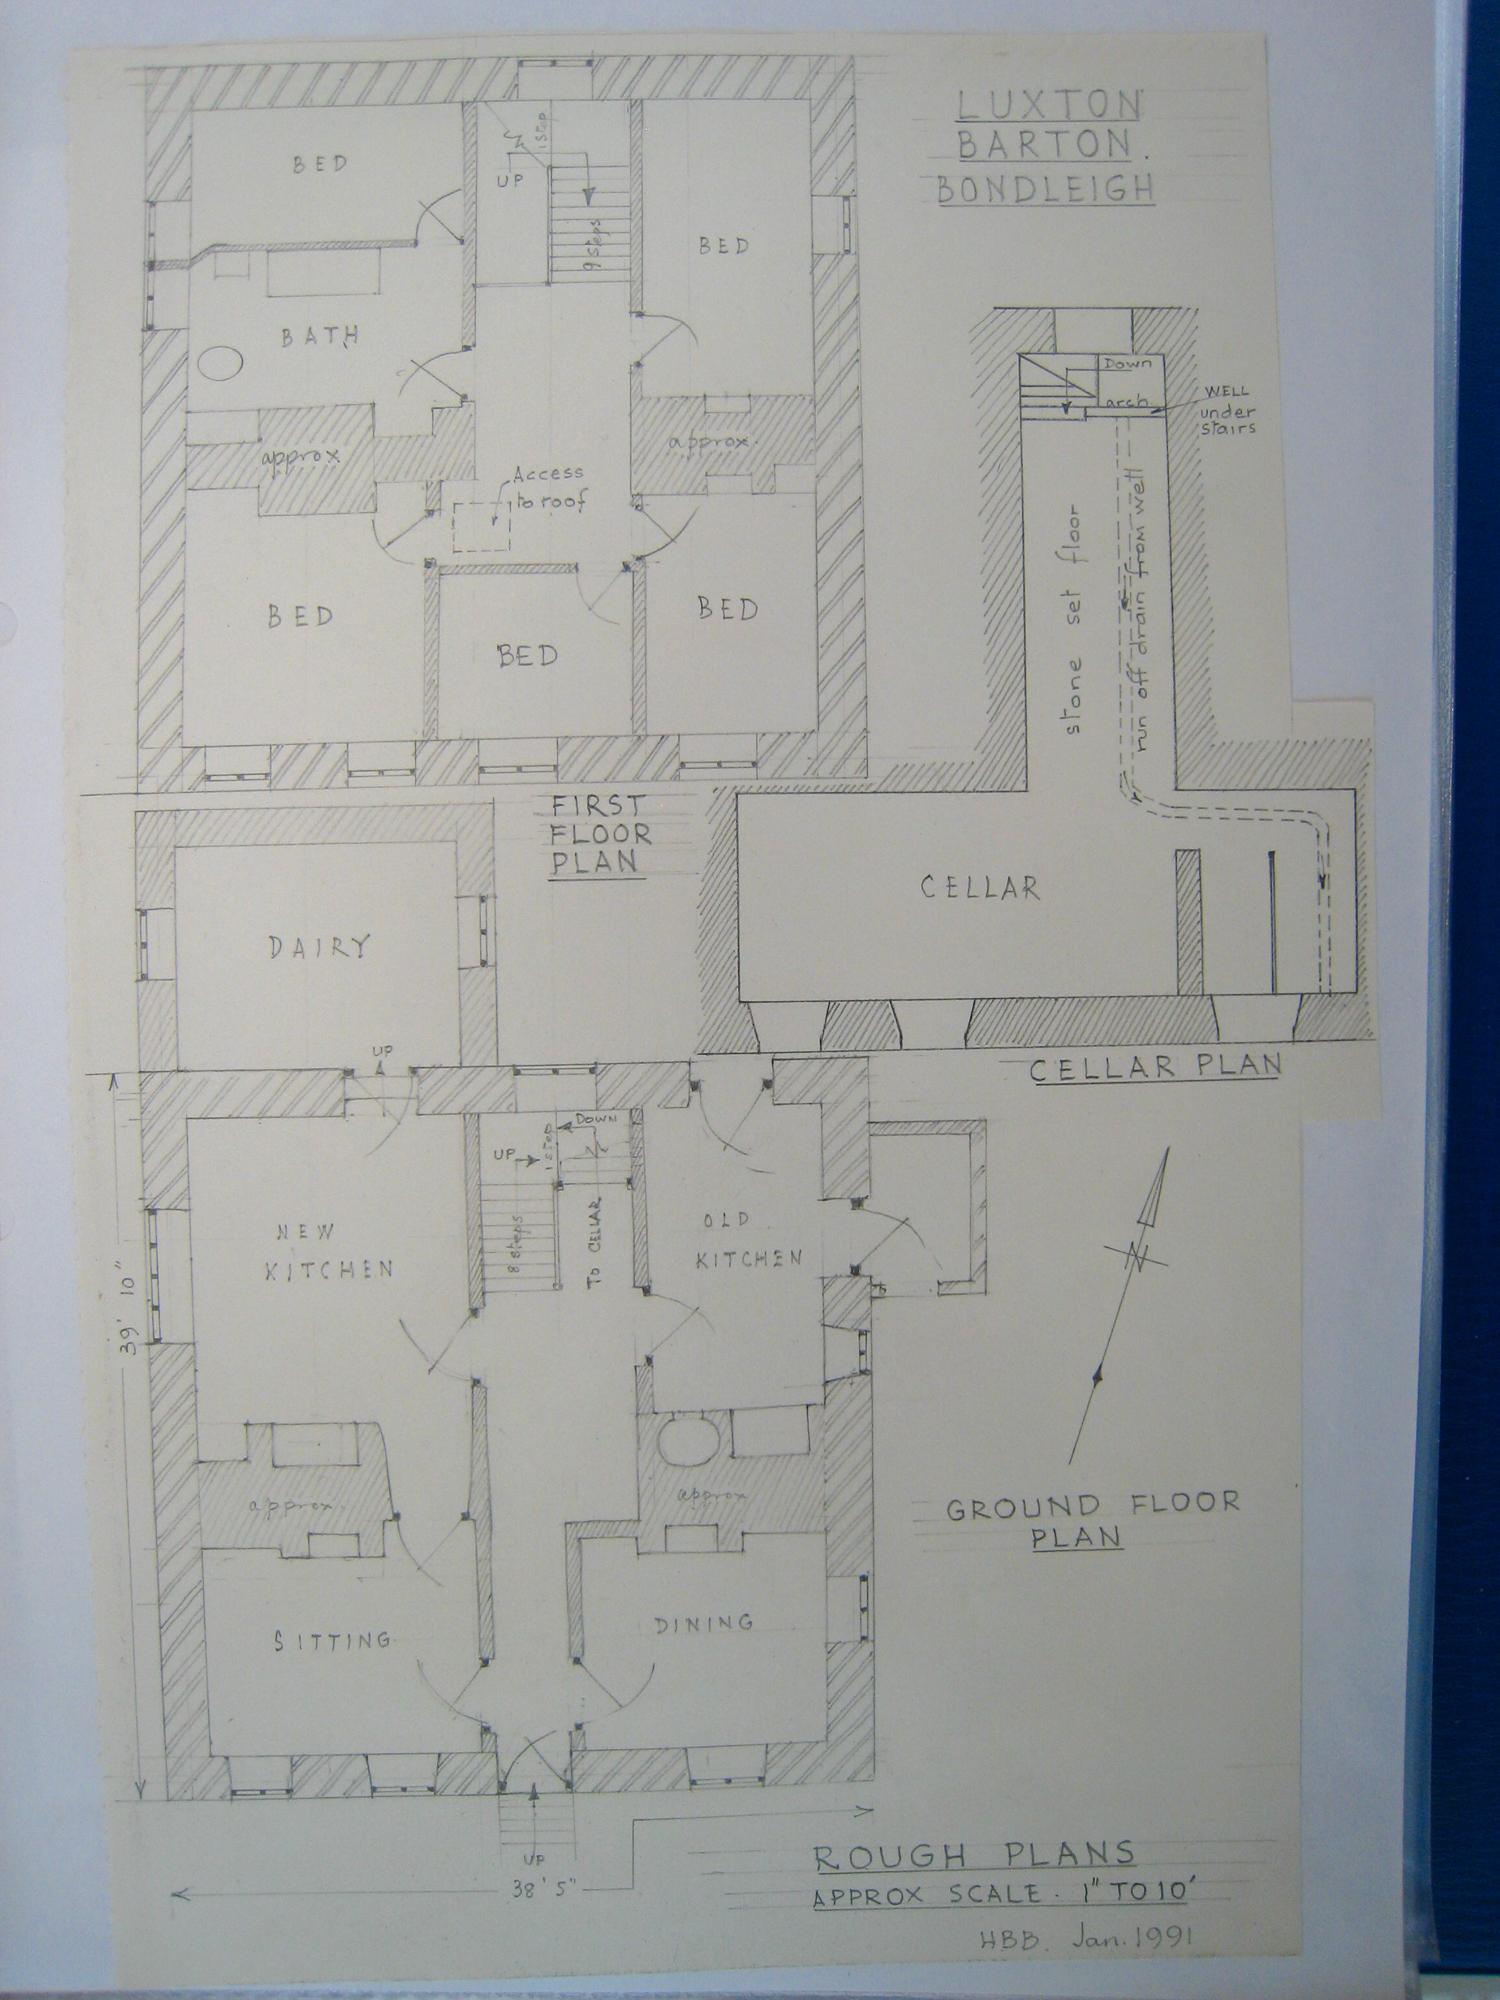 OB 30 Luxton Barton Bondleigh floor plan